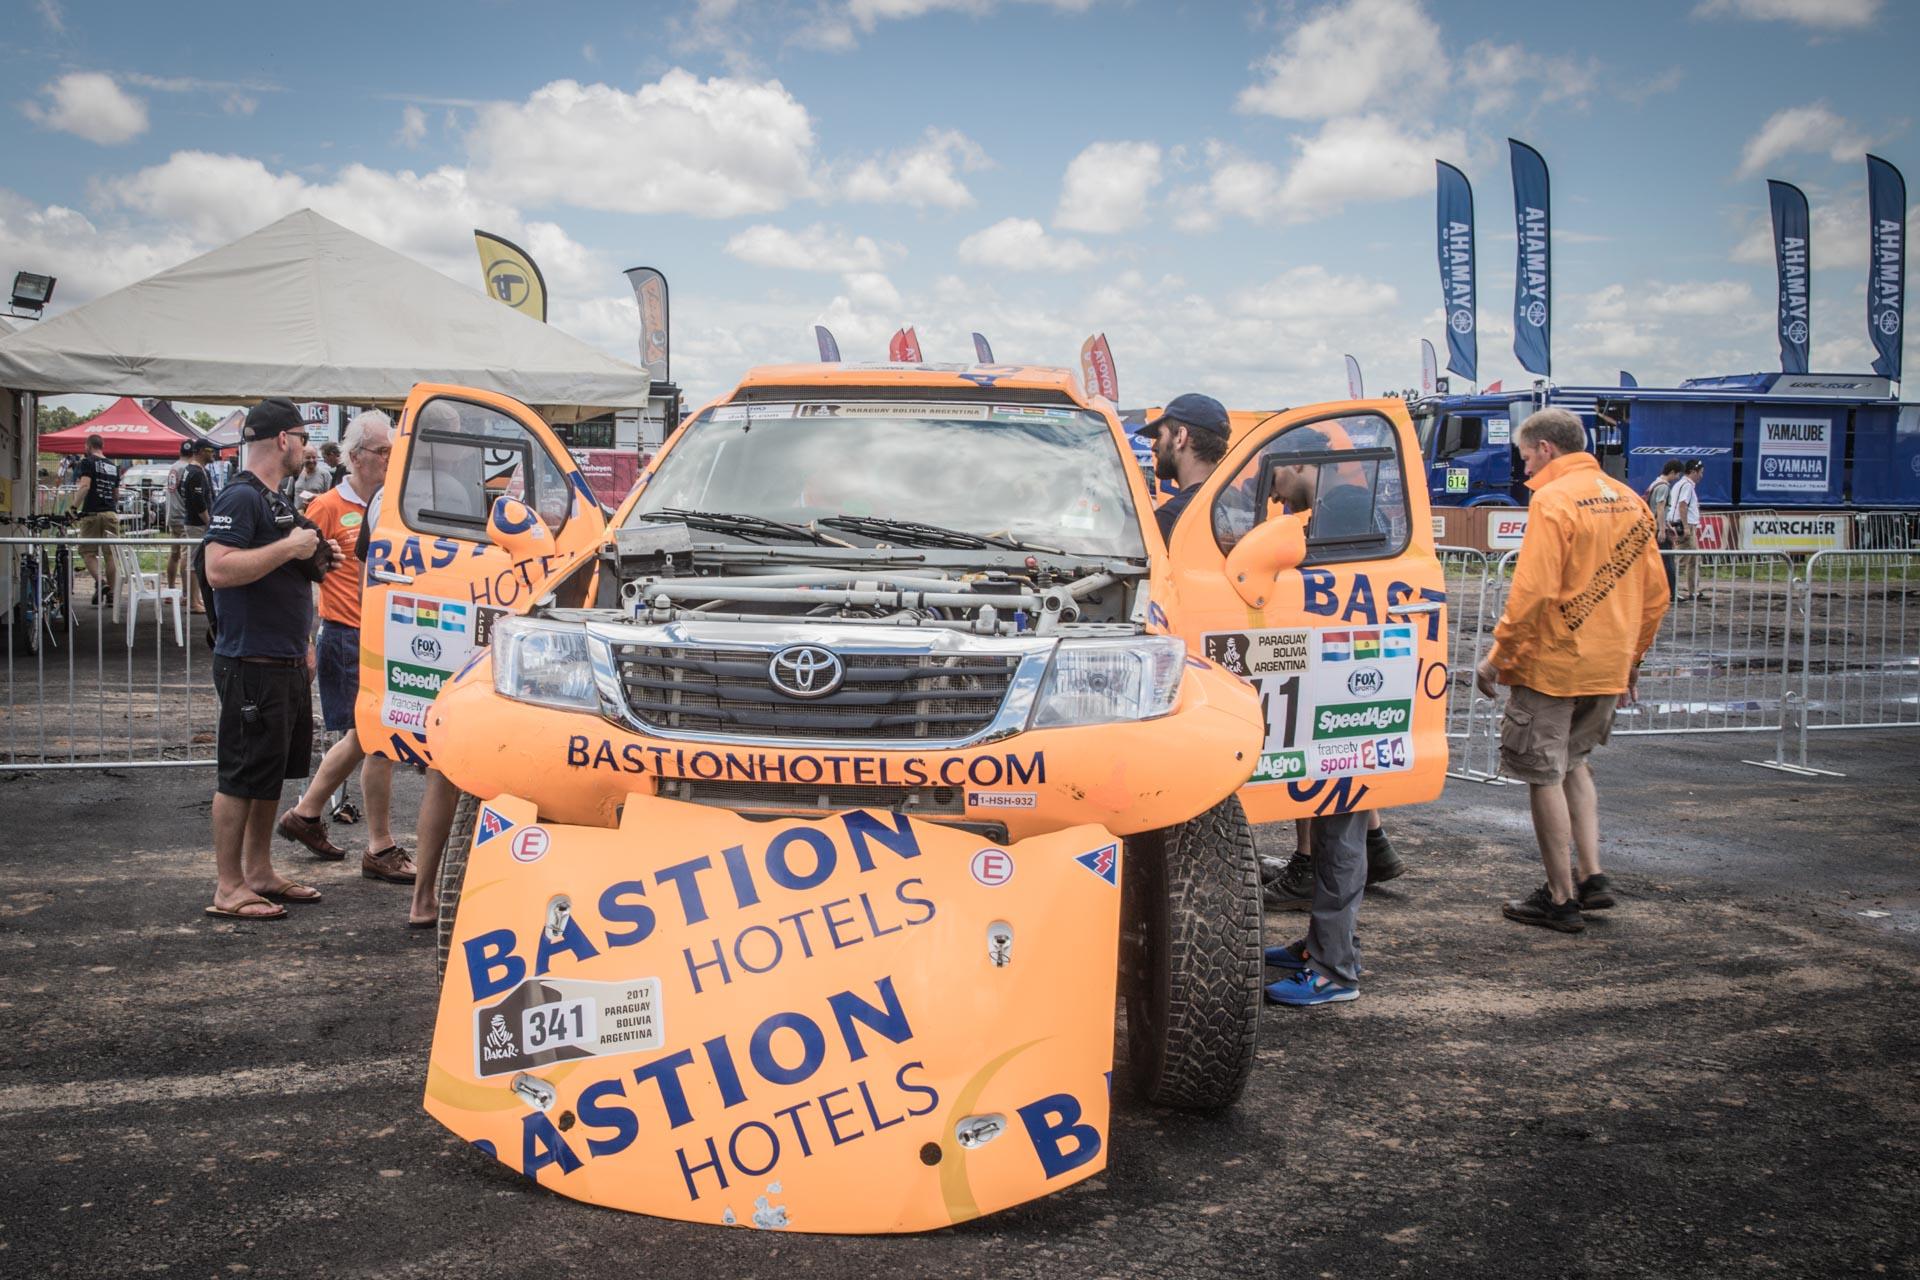 Bastion hotels dakar team: Maik Willems verheugt zich op avontuurlijke Dakar 2017